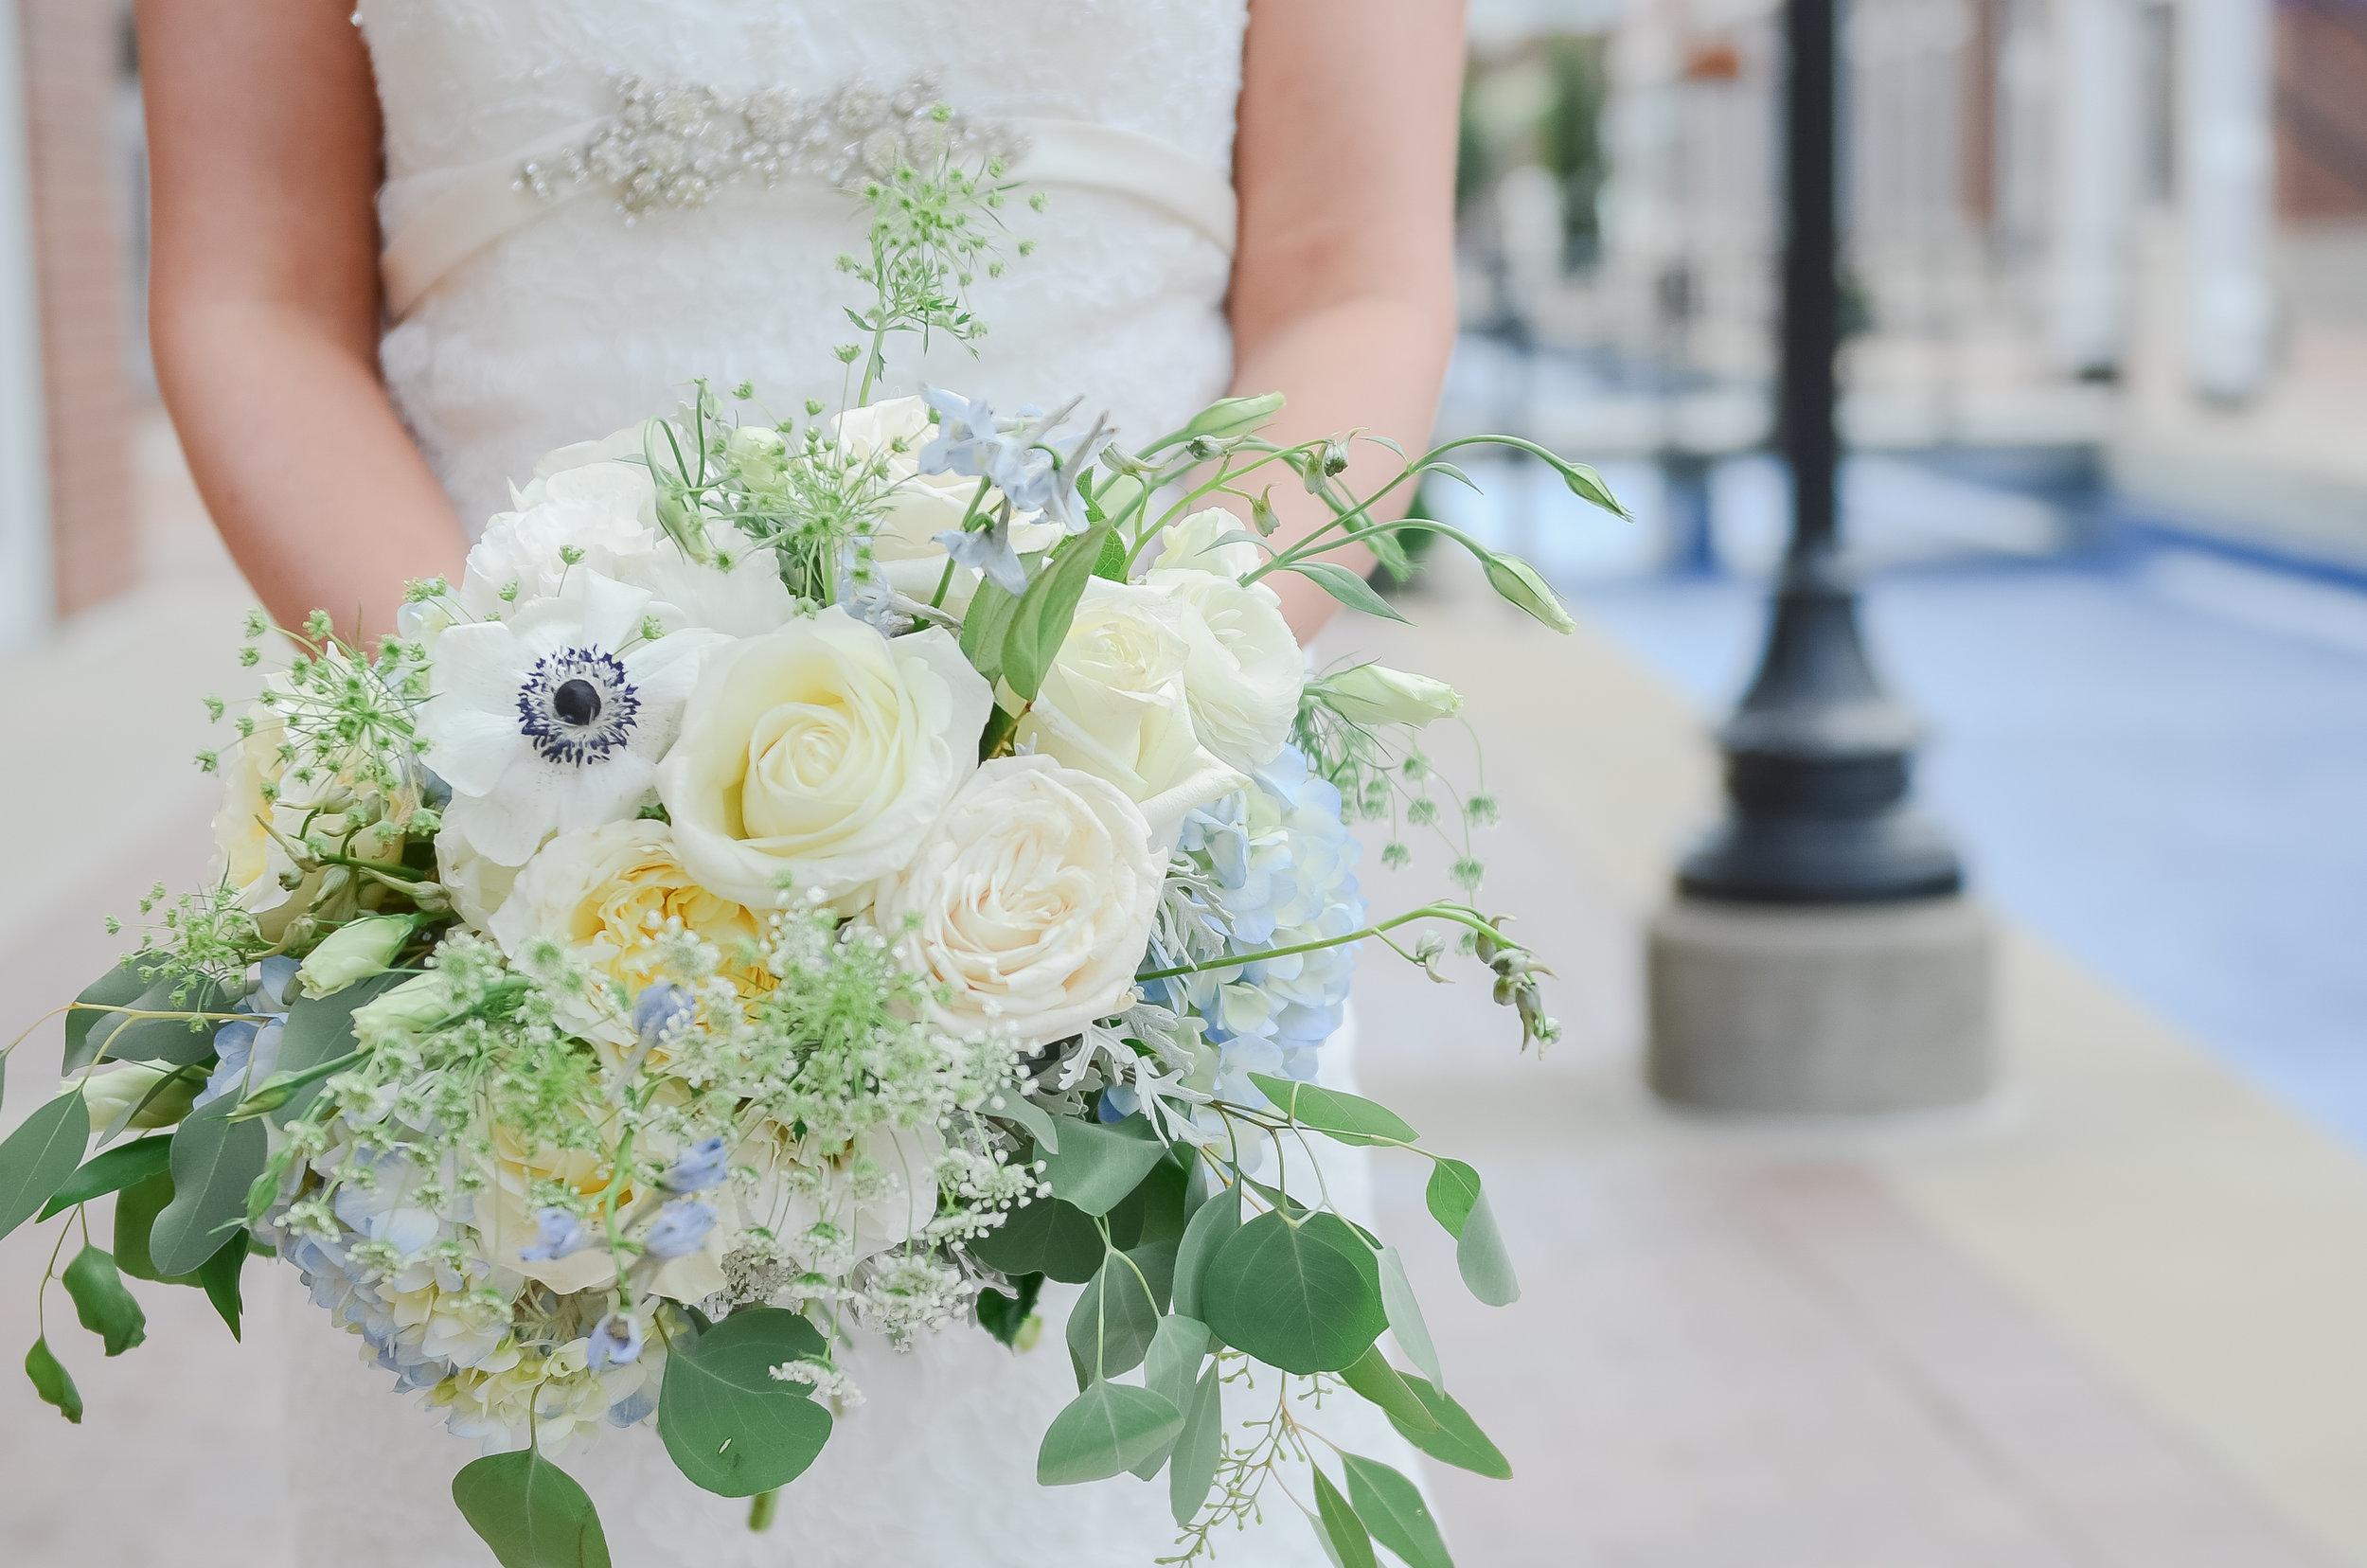 https://digitalgalleriadesigns.com/portfolio/weddings-engagement/